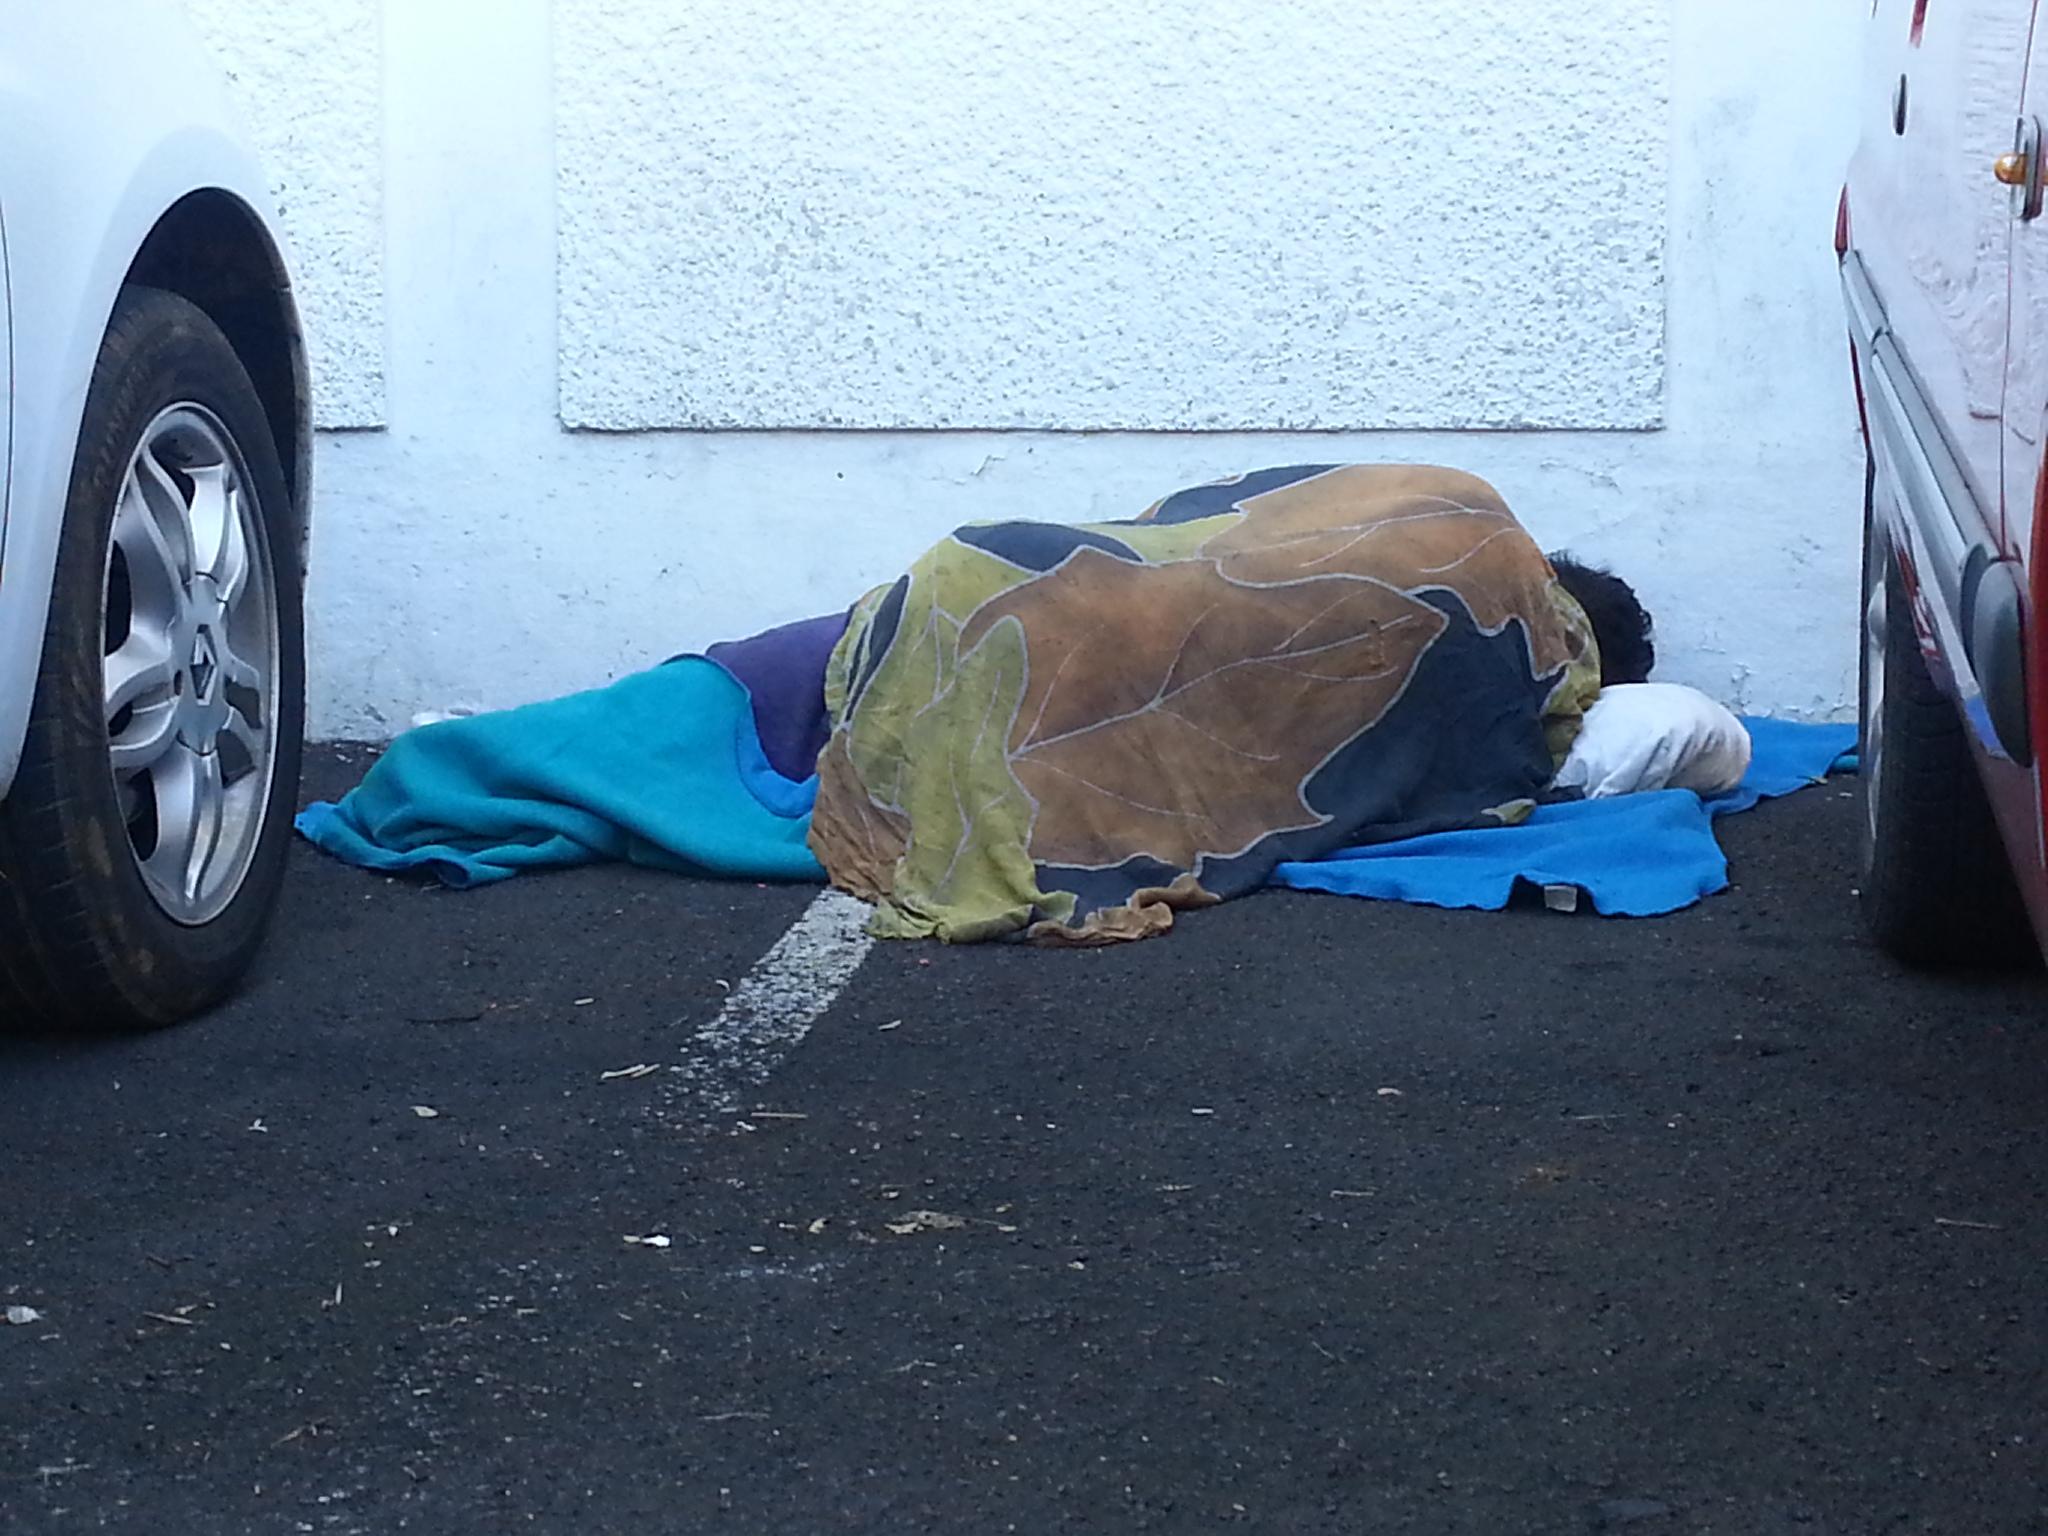 Il y a autant de filles que de garçons mineurs dans la rue, selon le rapport du collectif  Te Ta'i Vevo